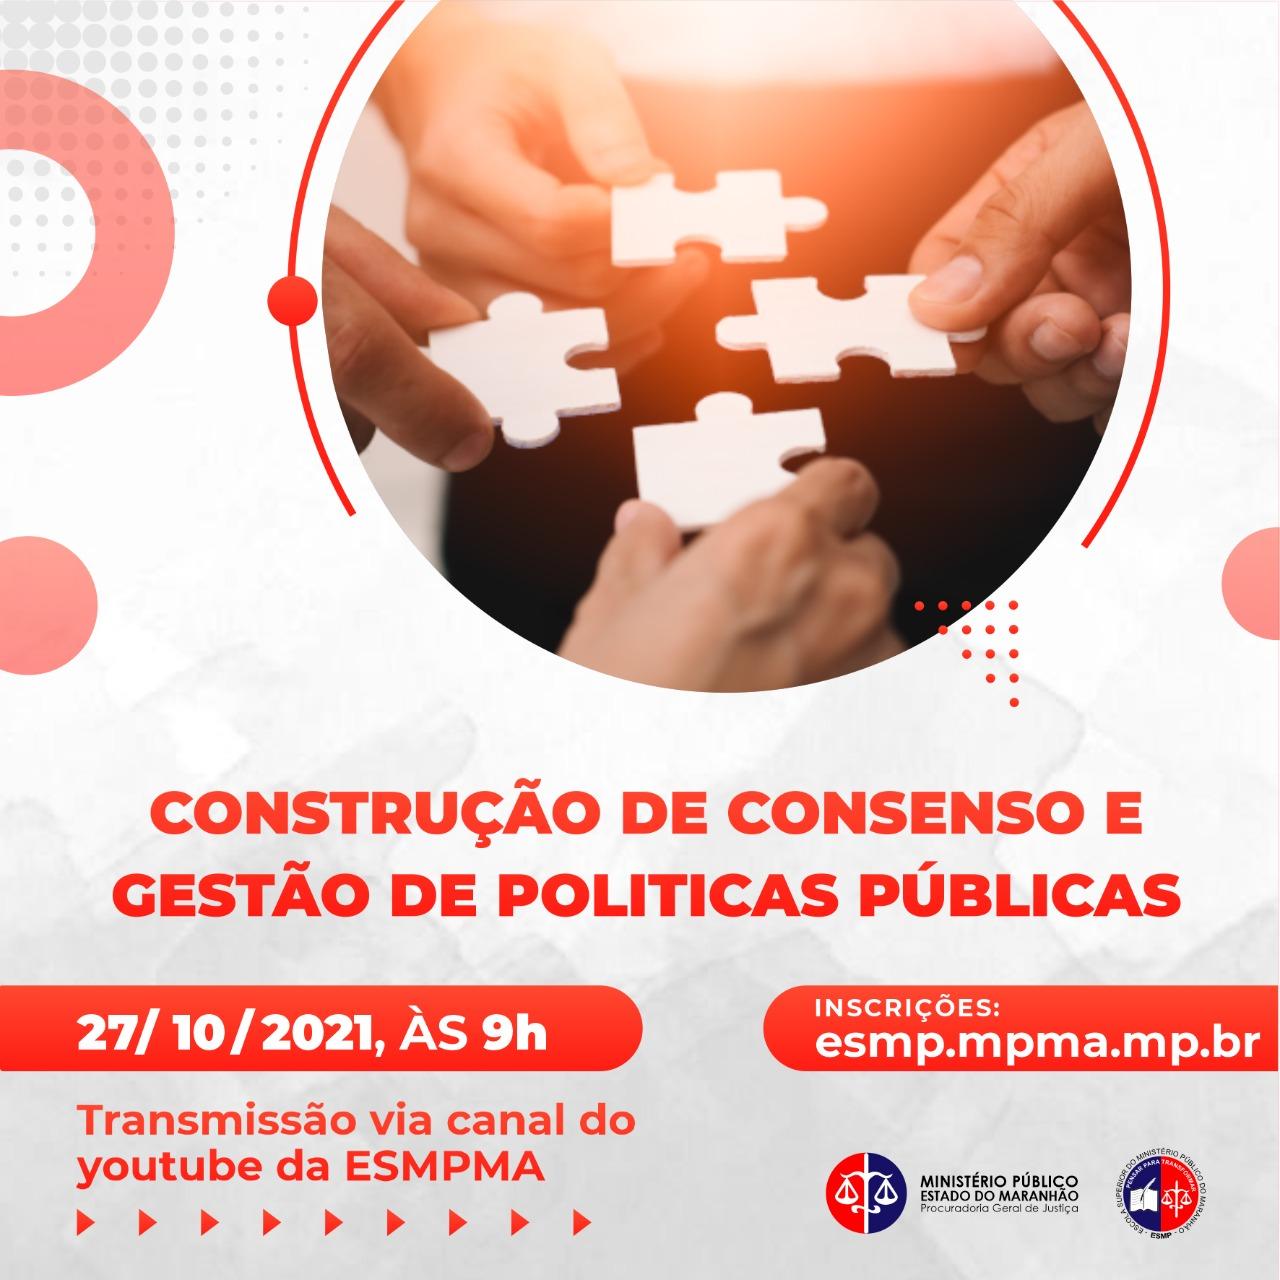 Webinário - Construção de Consenso e Gestão de Políticas Públicas